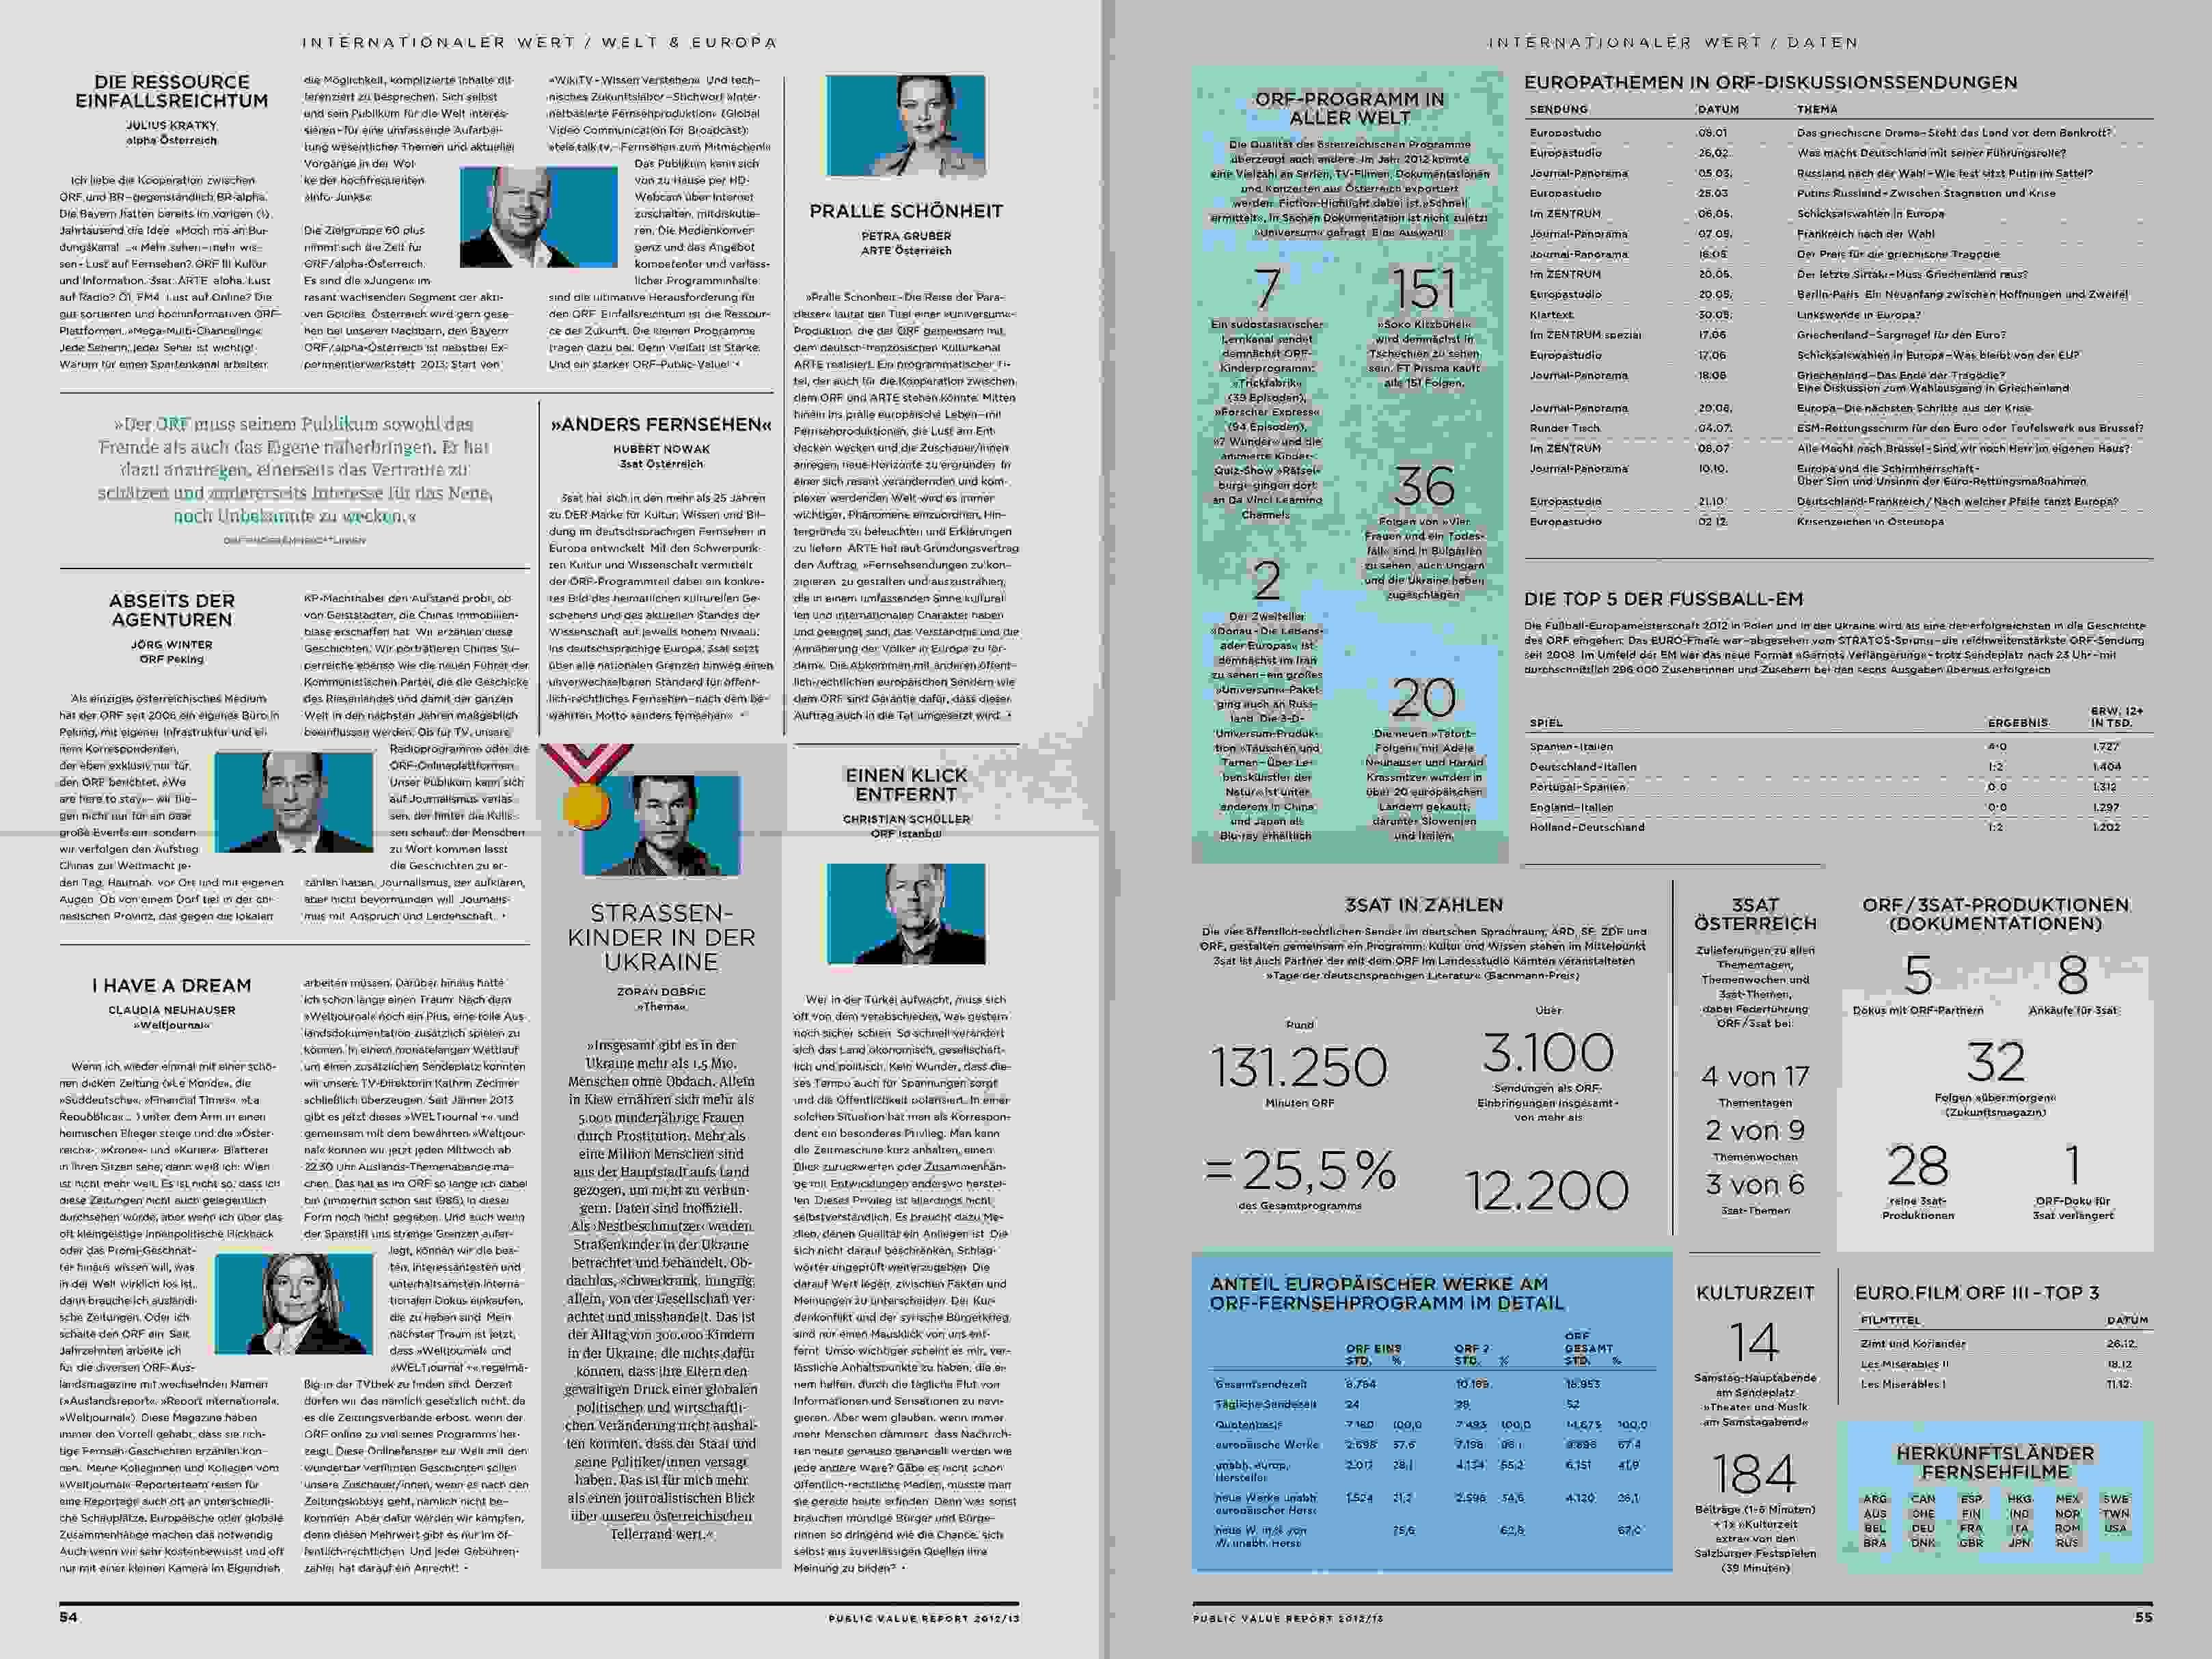 ORF PV 13 flat Dummy Zeitung Doppelseite 18